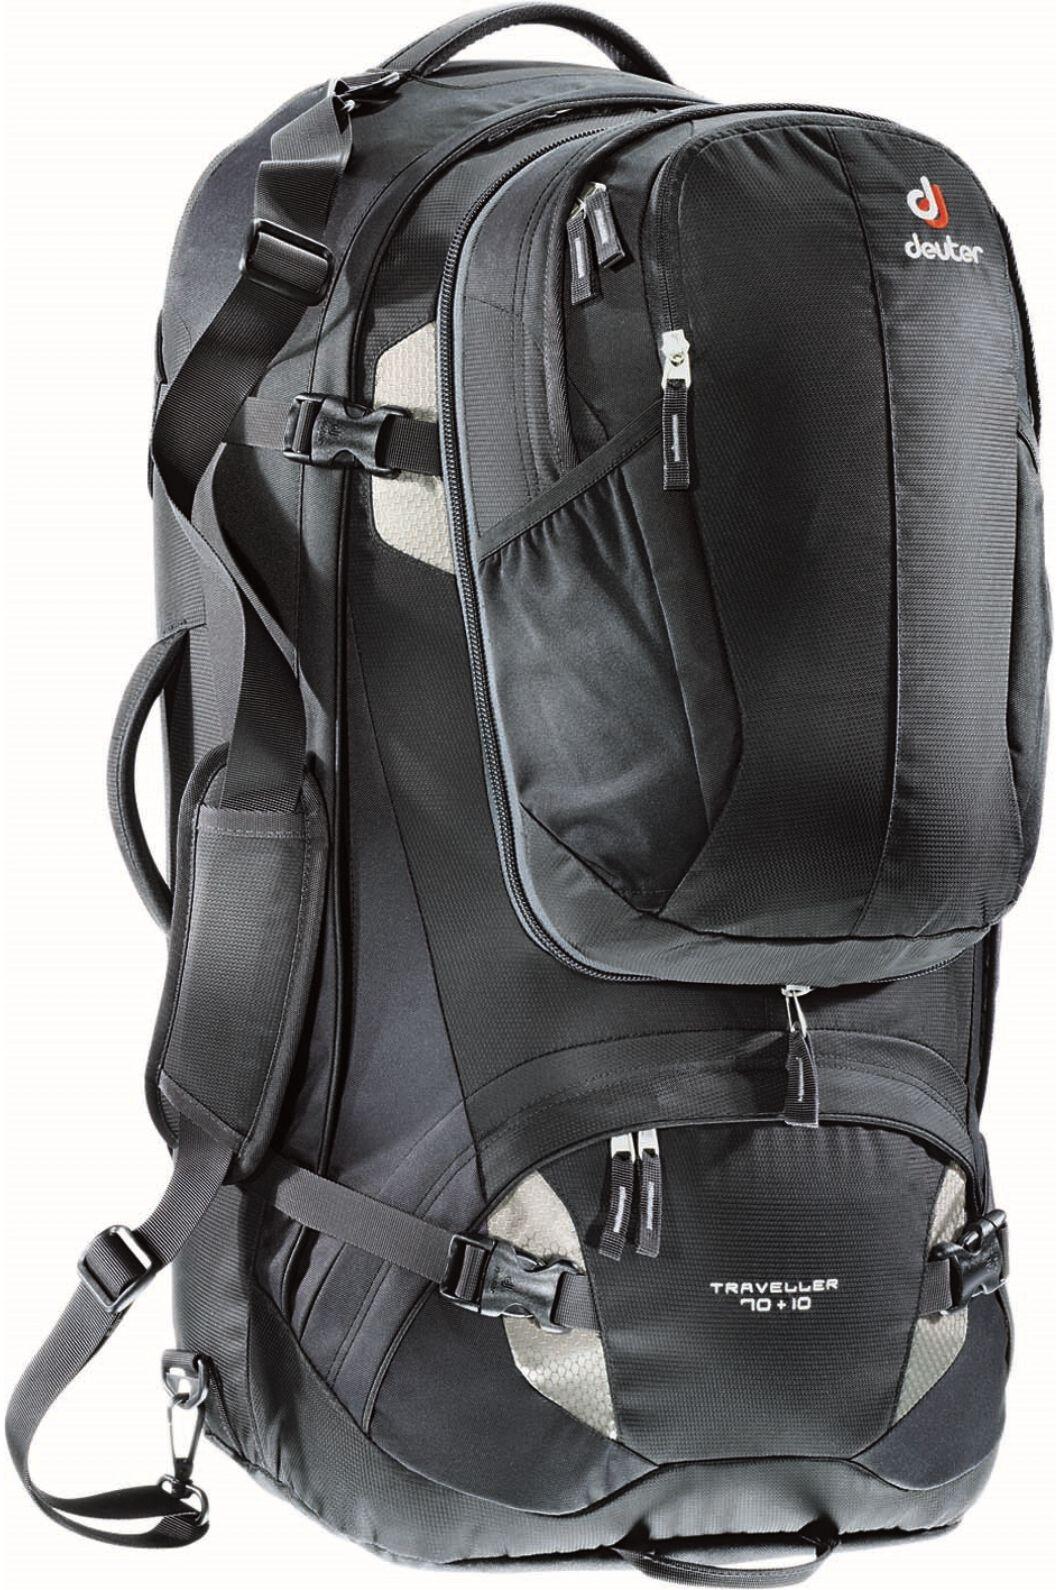 Deuter Traveller Travel Pack 70L+10L 70L+10L, None, hi-res